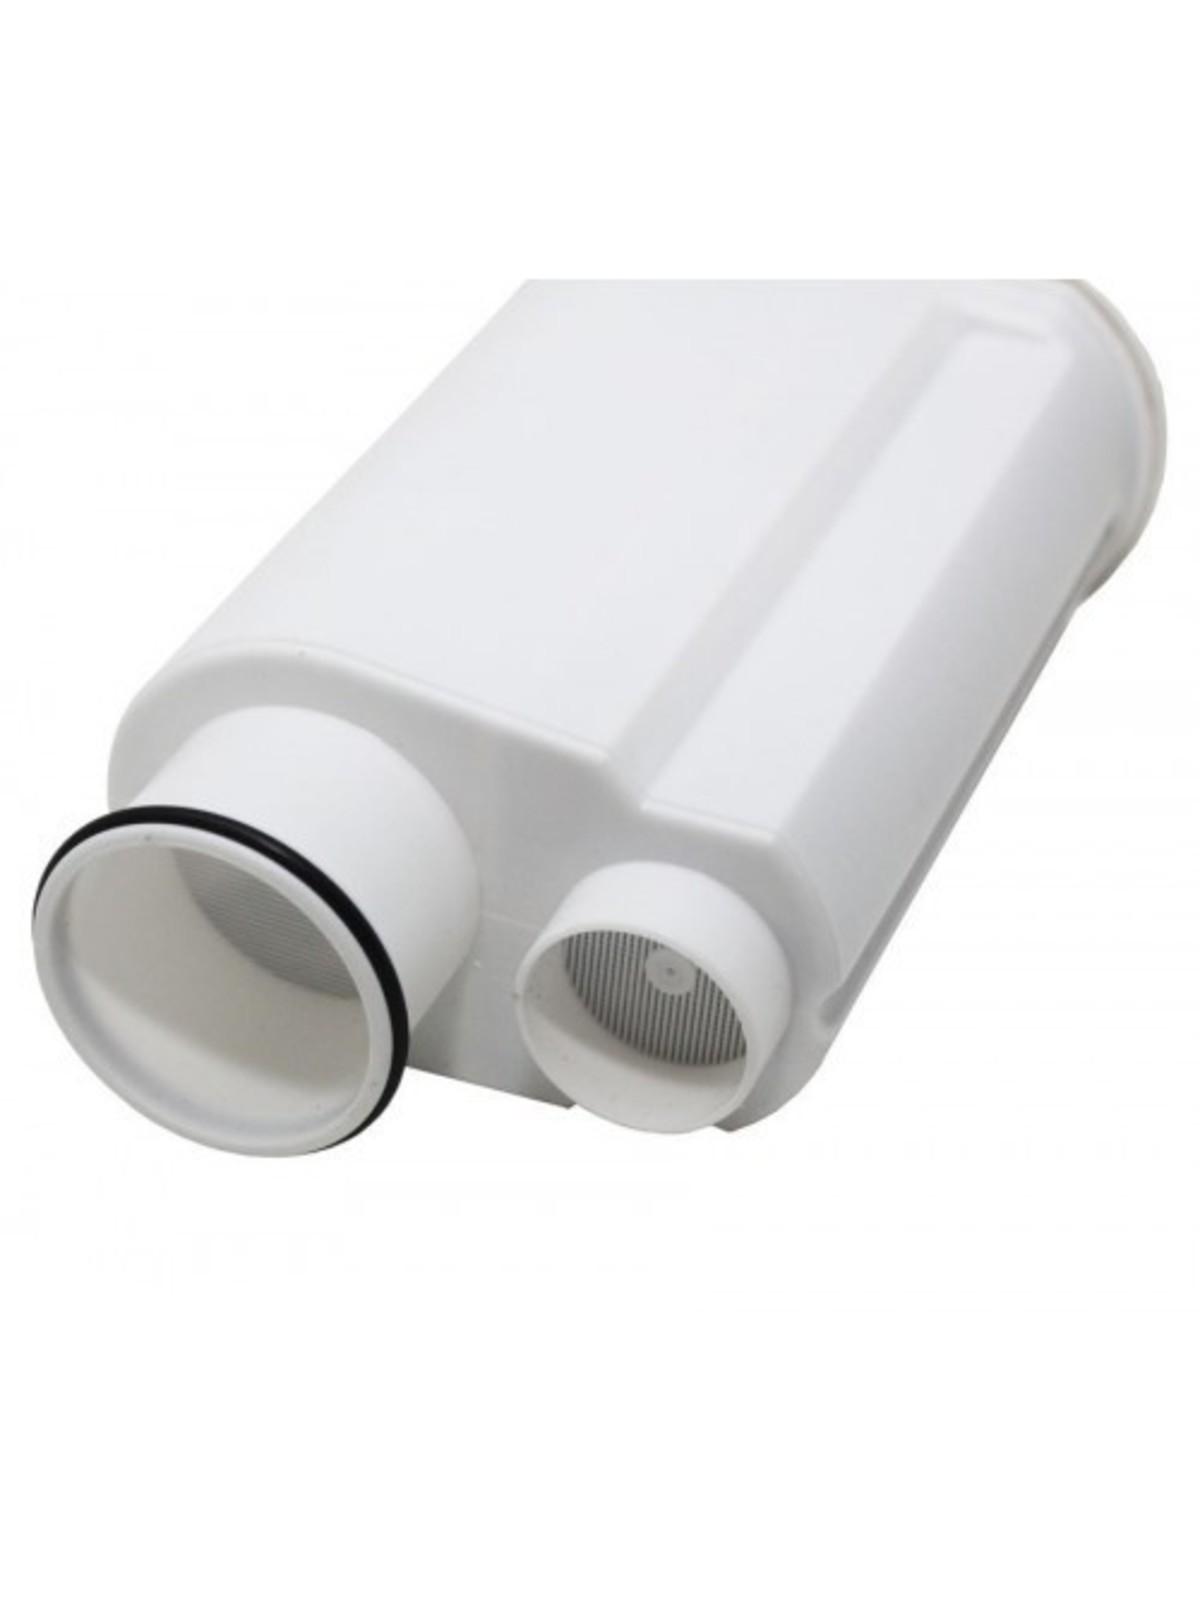 ECCELLENTE Waterfilter compatibel met Philips Saeco Intenza